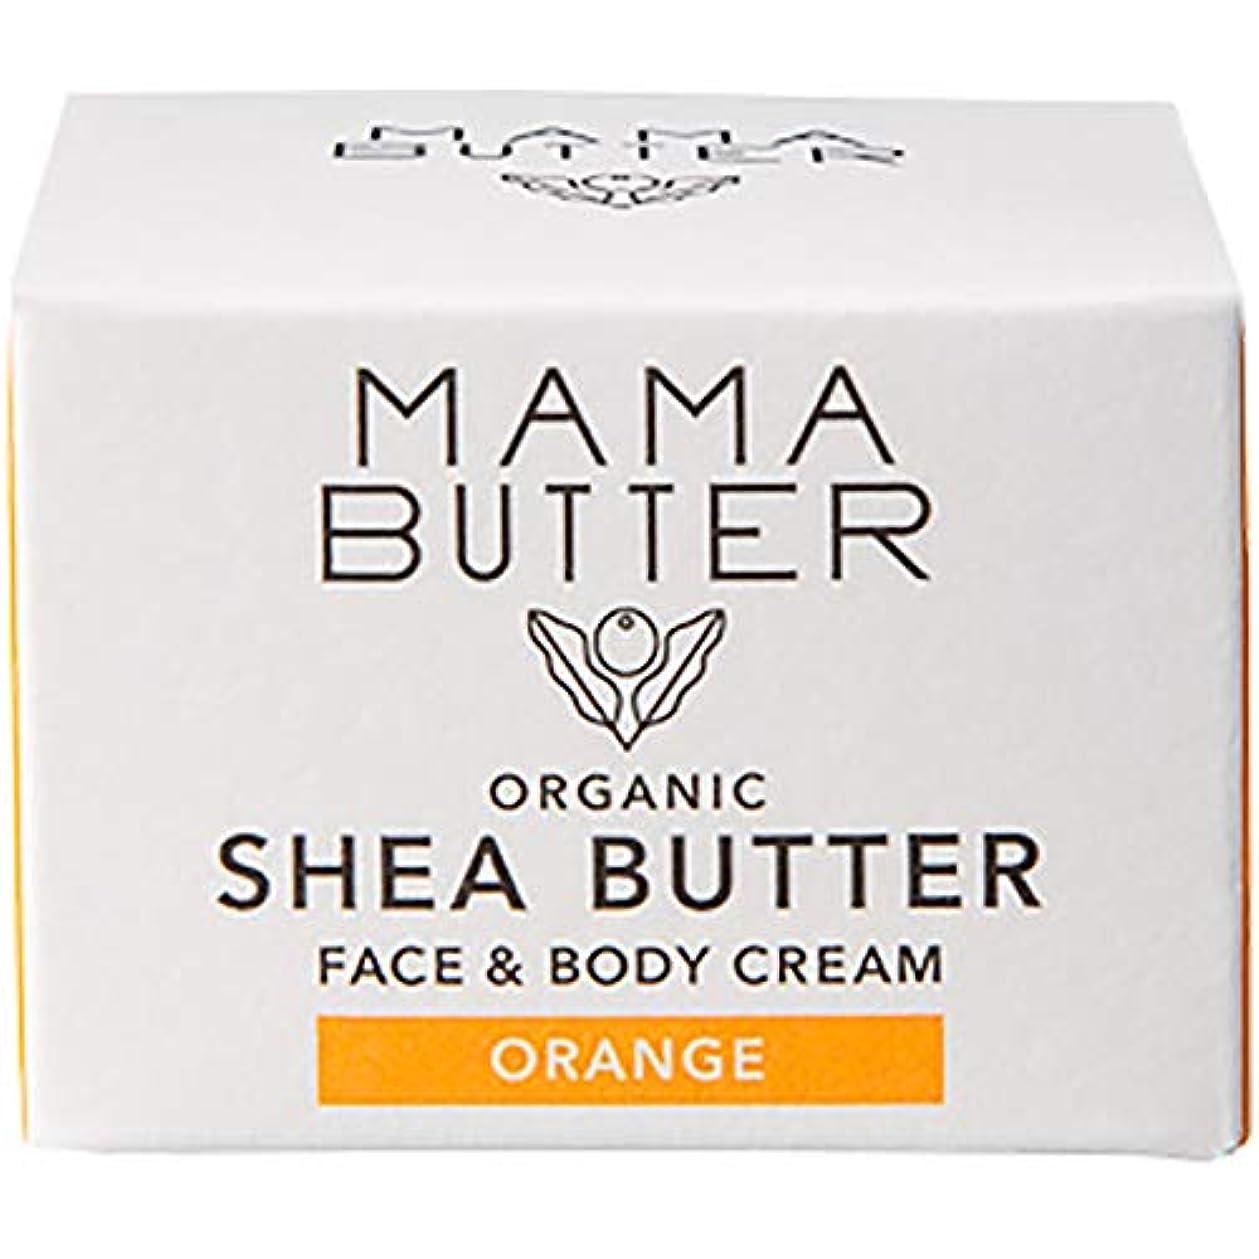 略語統合する適度にMAMA BUTTER(ママバター) フェイス&ボディクリーム25g オレンジ